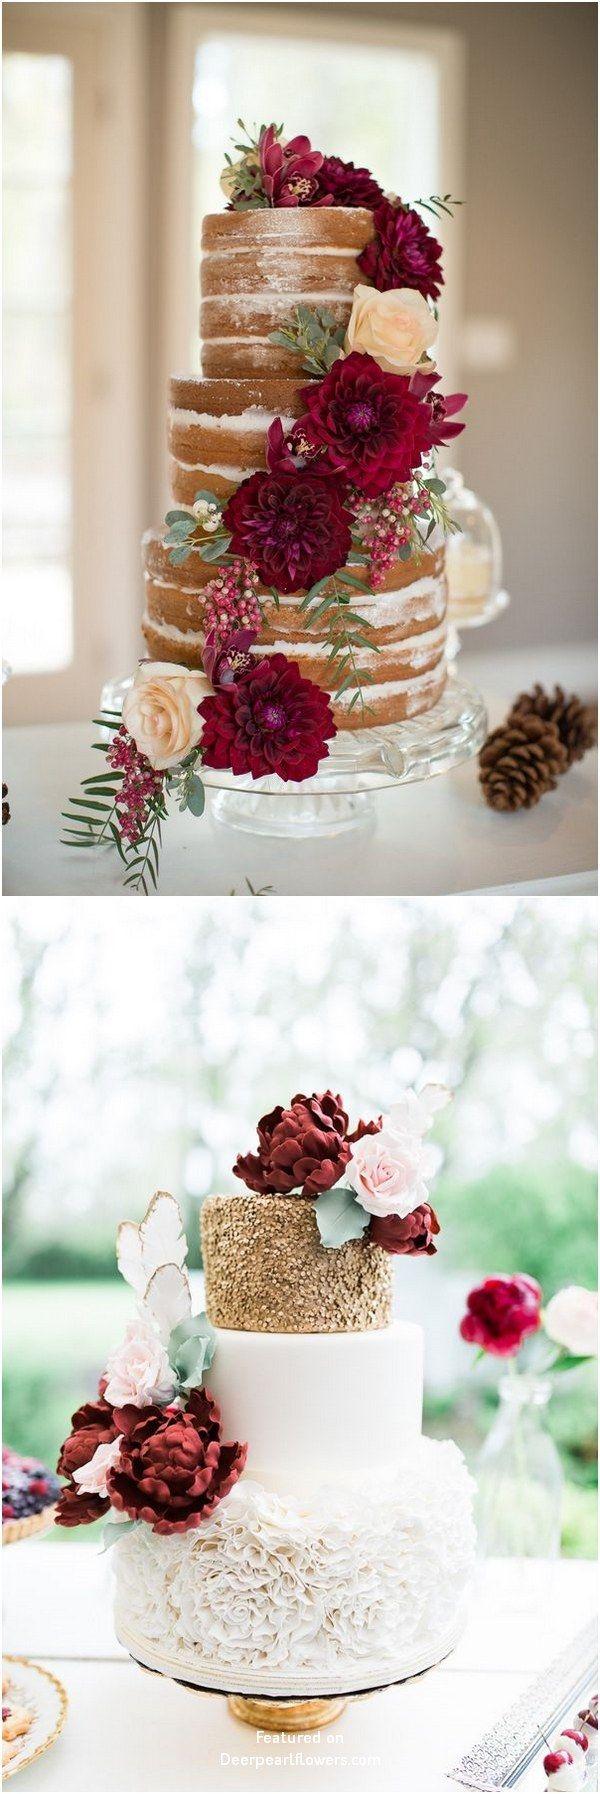 Burgunder und Gold fallen Hochzeitstorte Ideen #Hochzeiten #Kuchen #Hochzeit #Hochzeit …   – Wedding Cakes